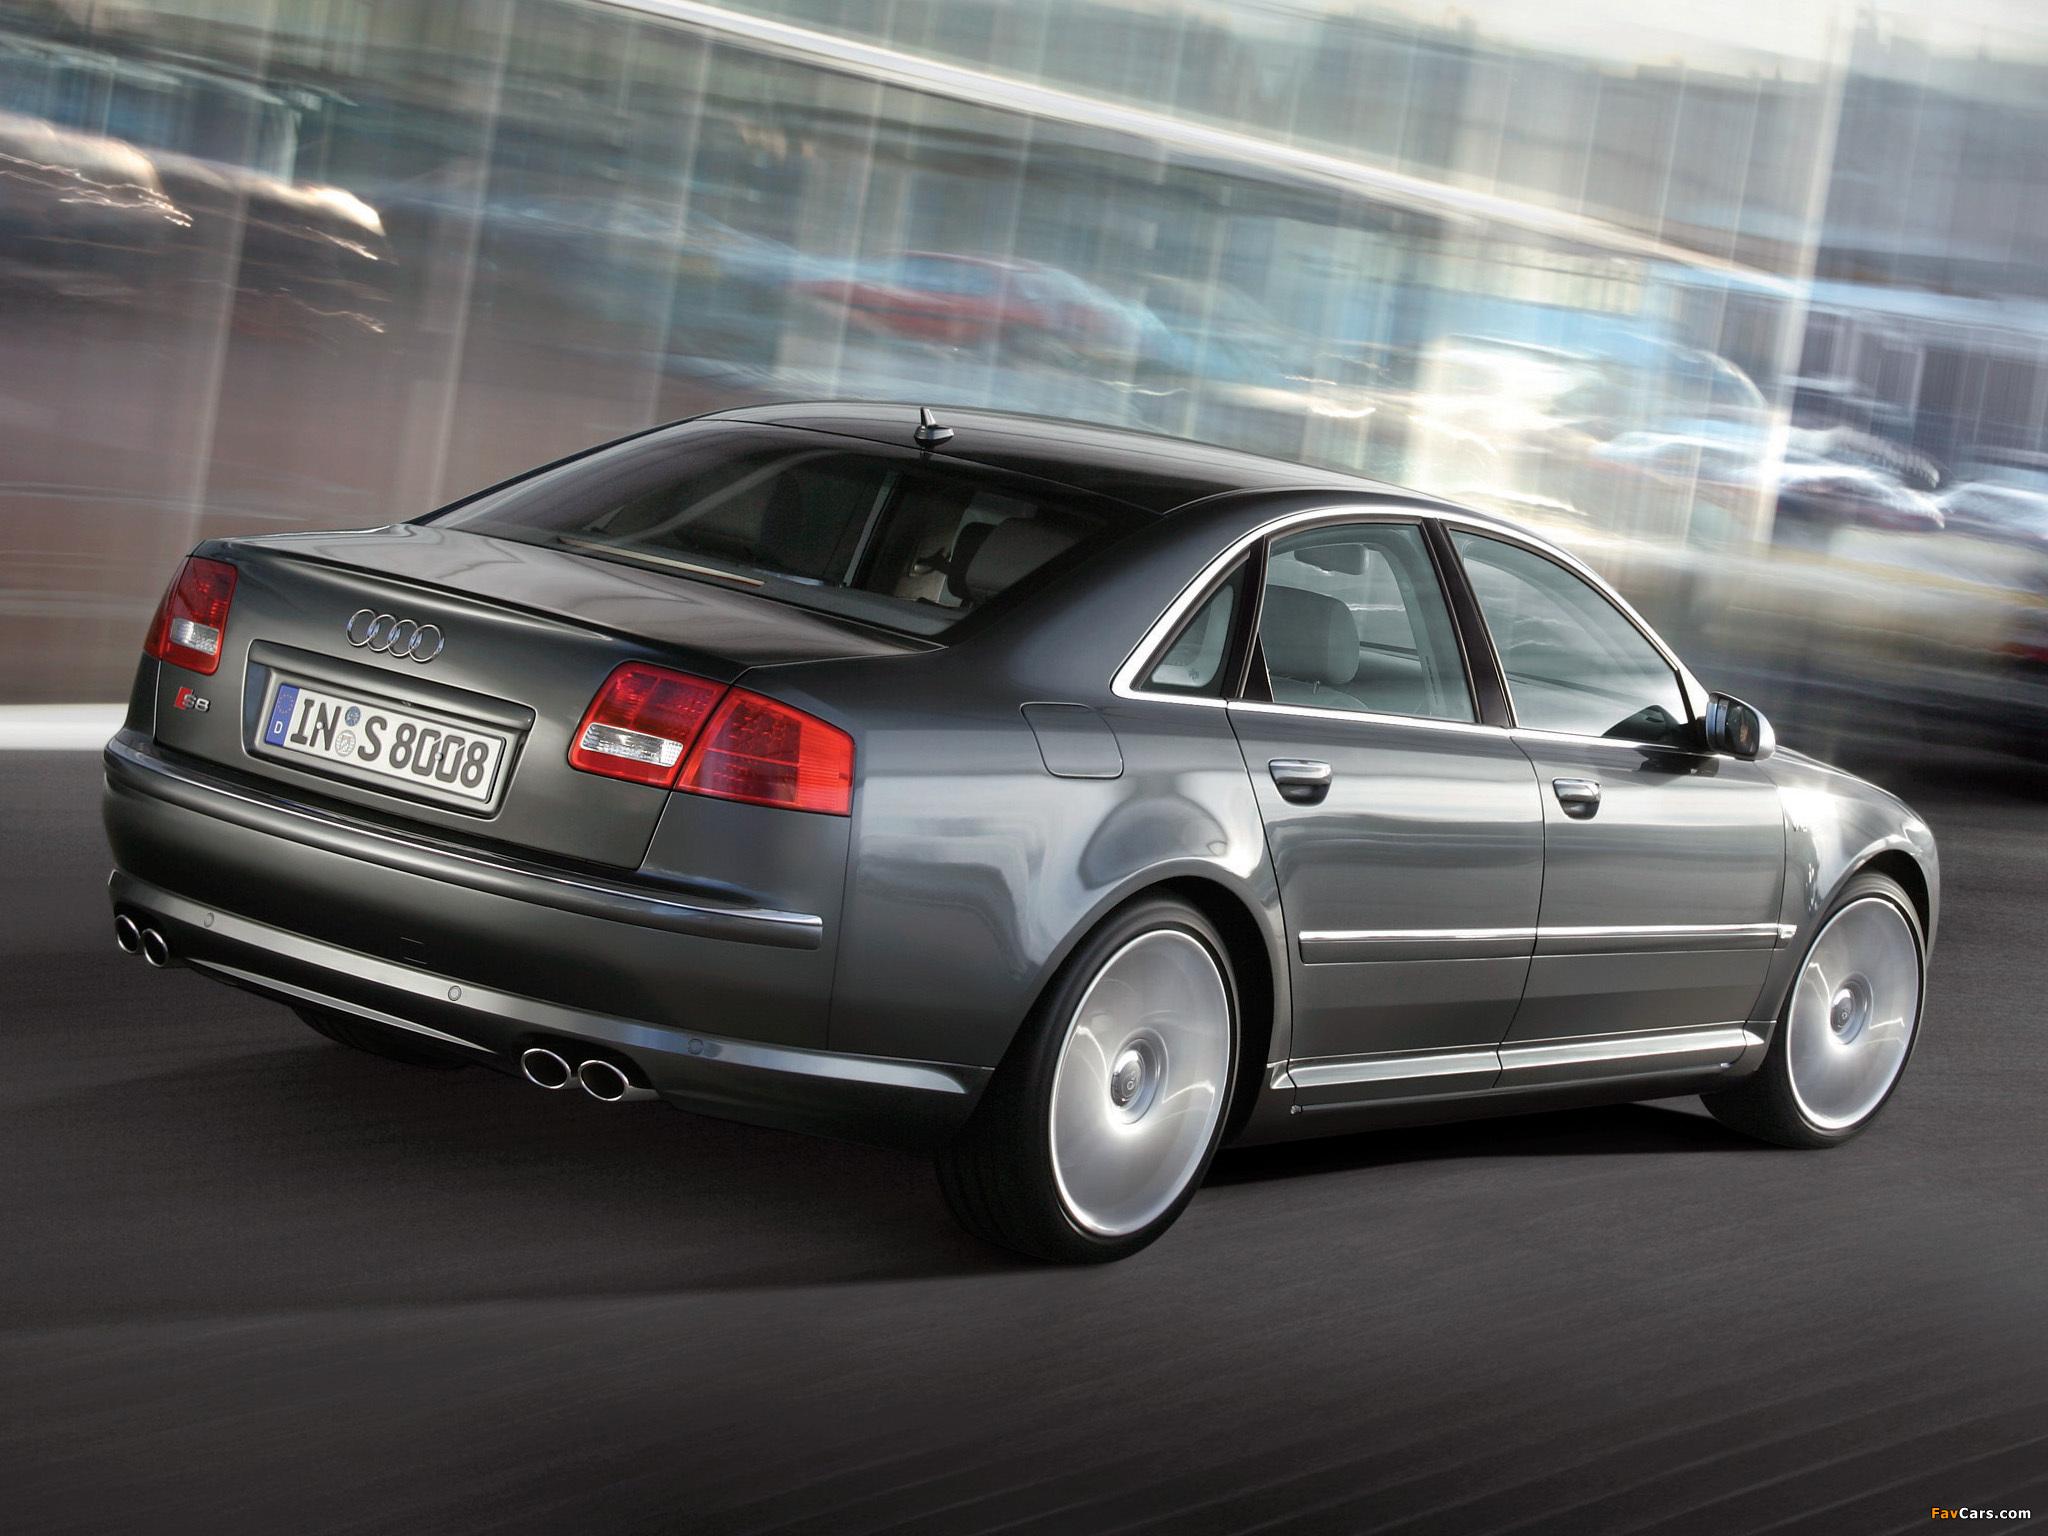 Audi S8 D3 2005 08 Images 2048x1536